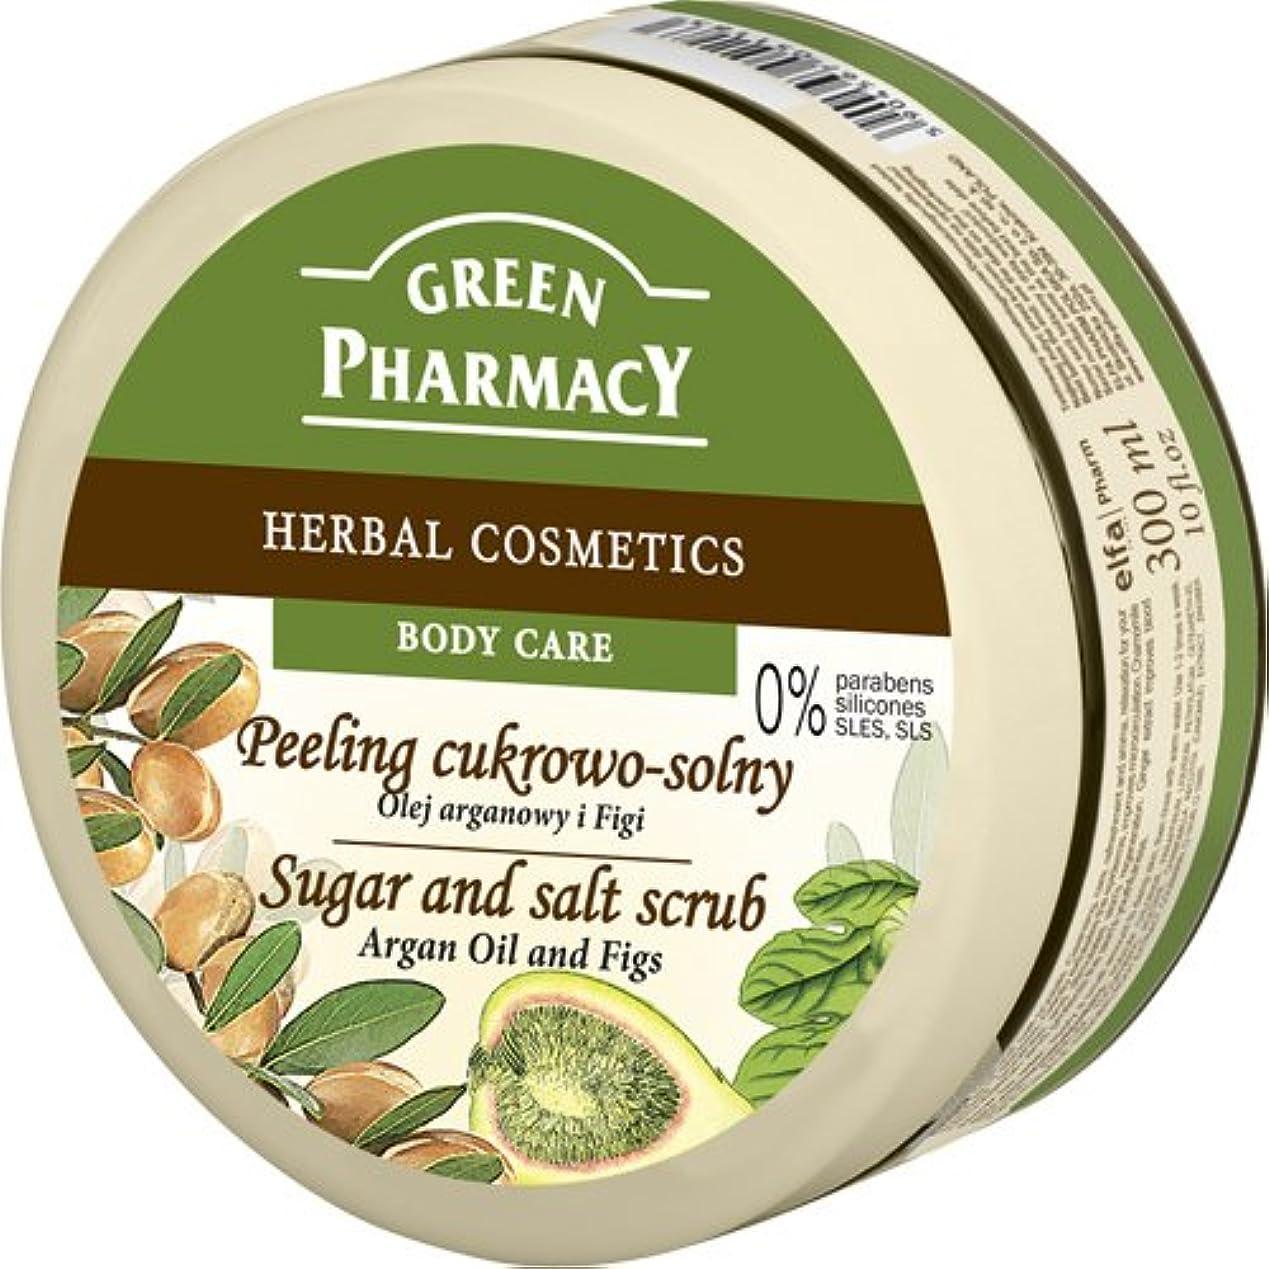 荒廃する怒って差し控えるElfa Pharm Green Pharmacy シュガー&ソルトスクラブ Argan Oil and Figs